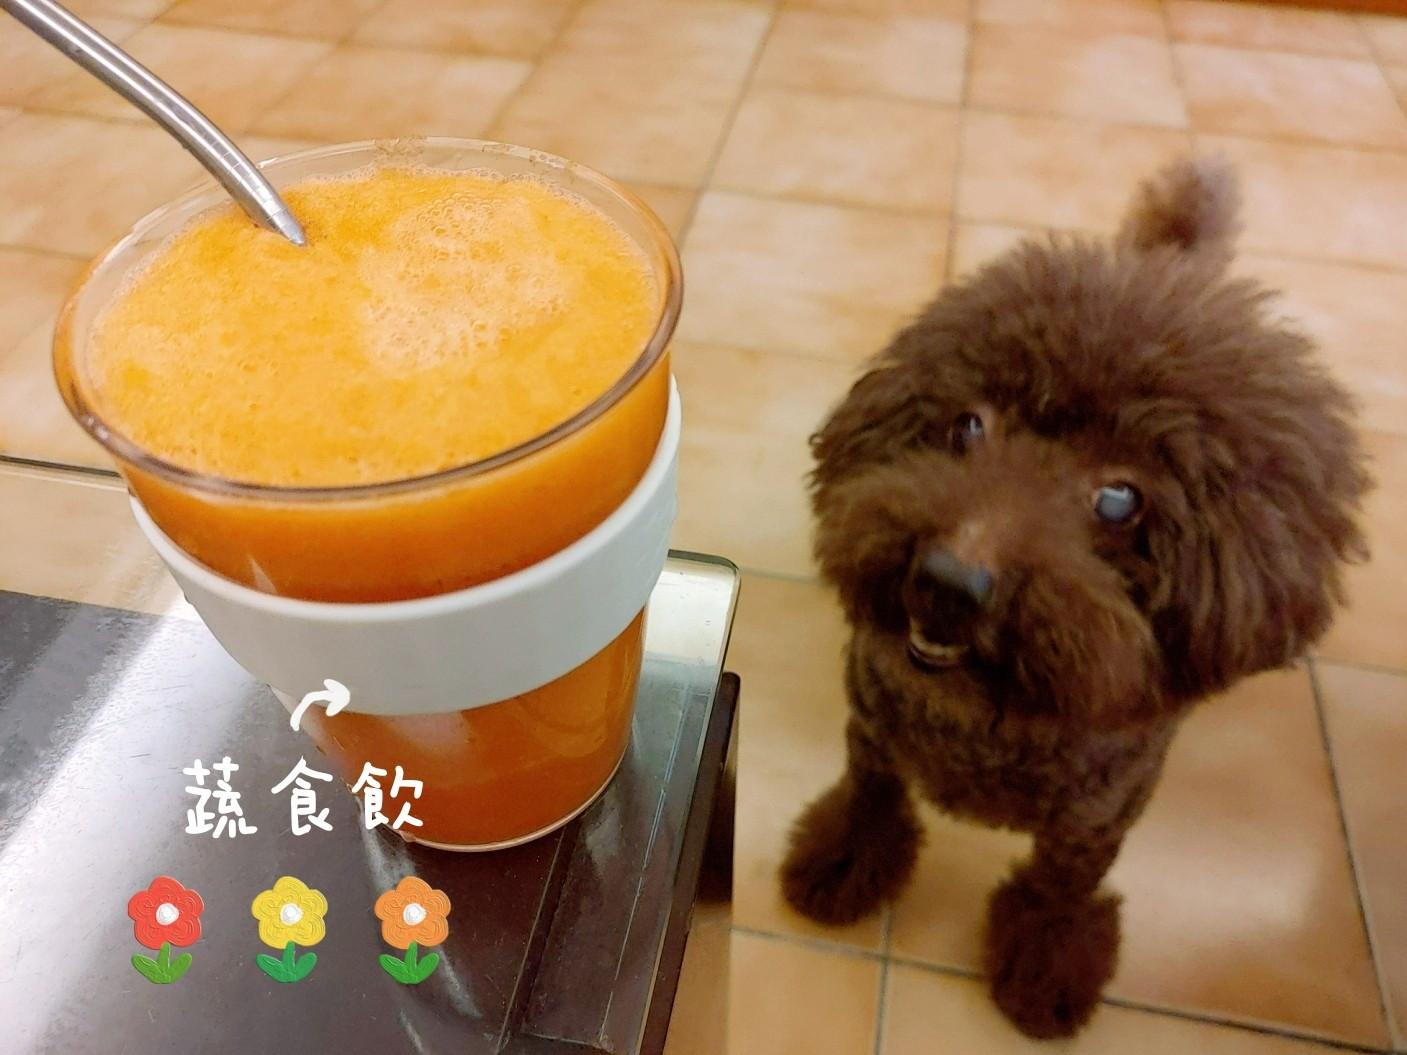 【簡單蔬食飲】紅蘿蔔水梨青檸汁🥰